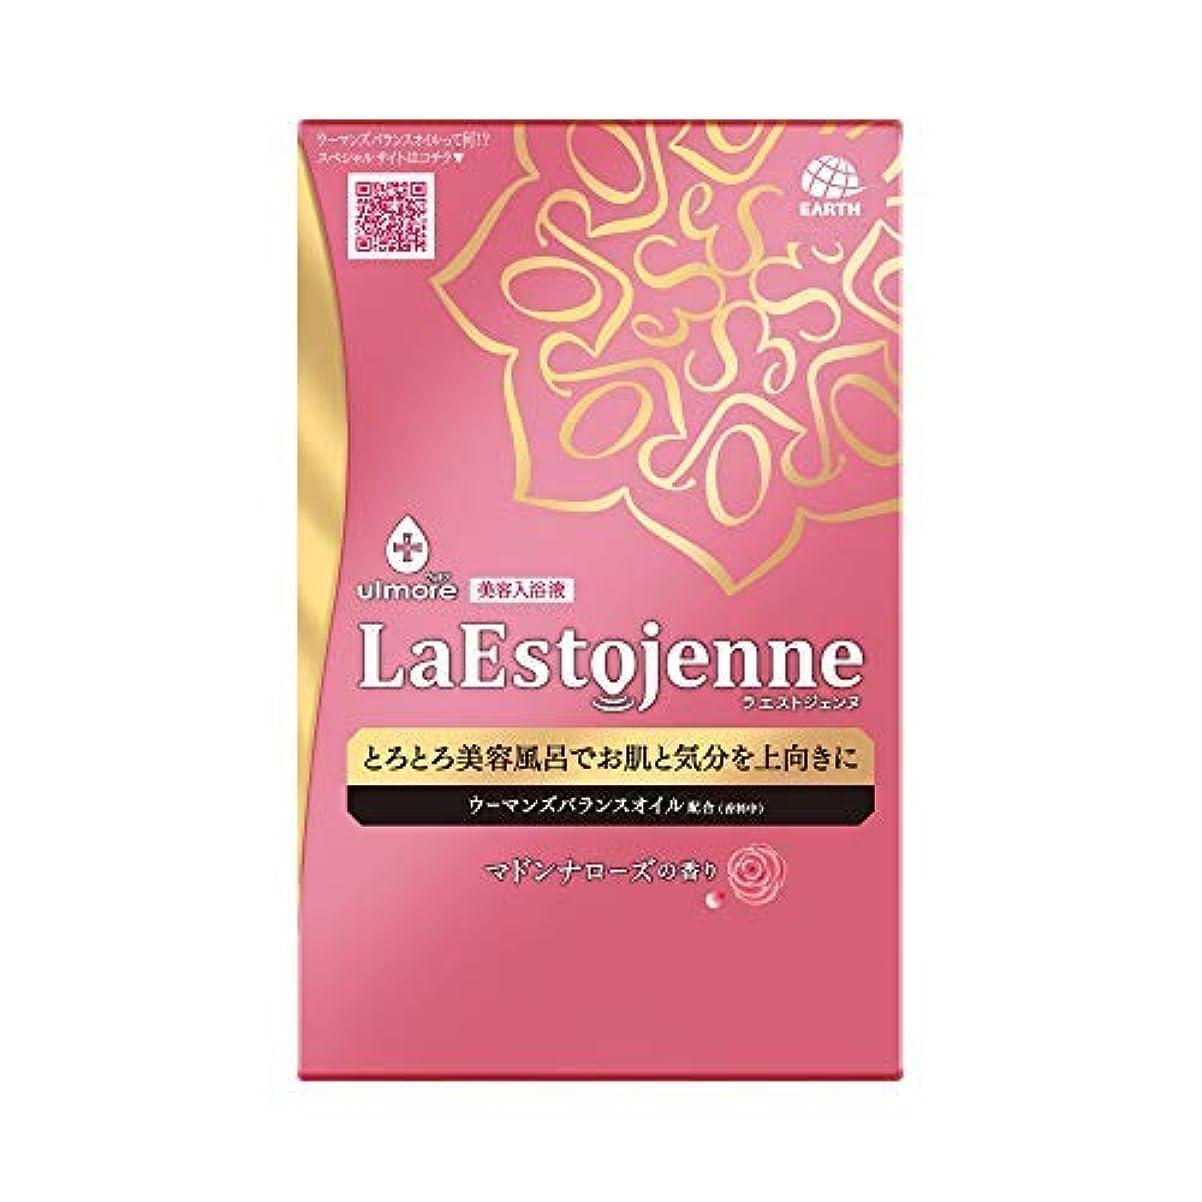 従順な磨かれた深遠ウルモア ラエストジェンヌ マドンナローズの香り 3包入り × 4個セット